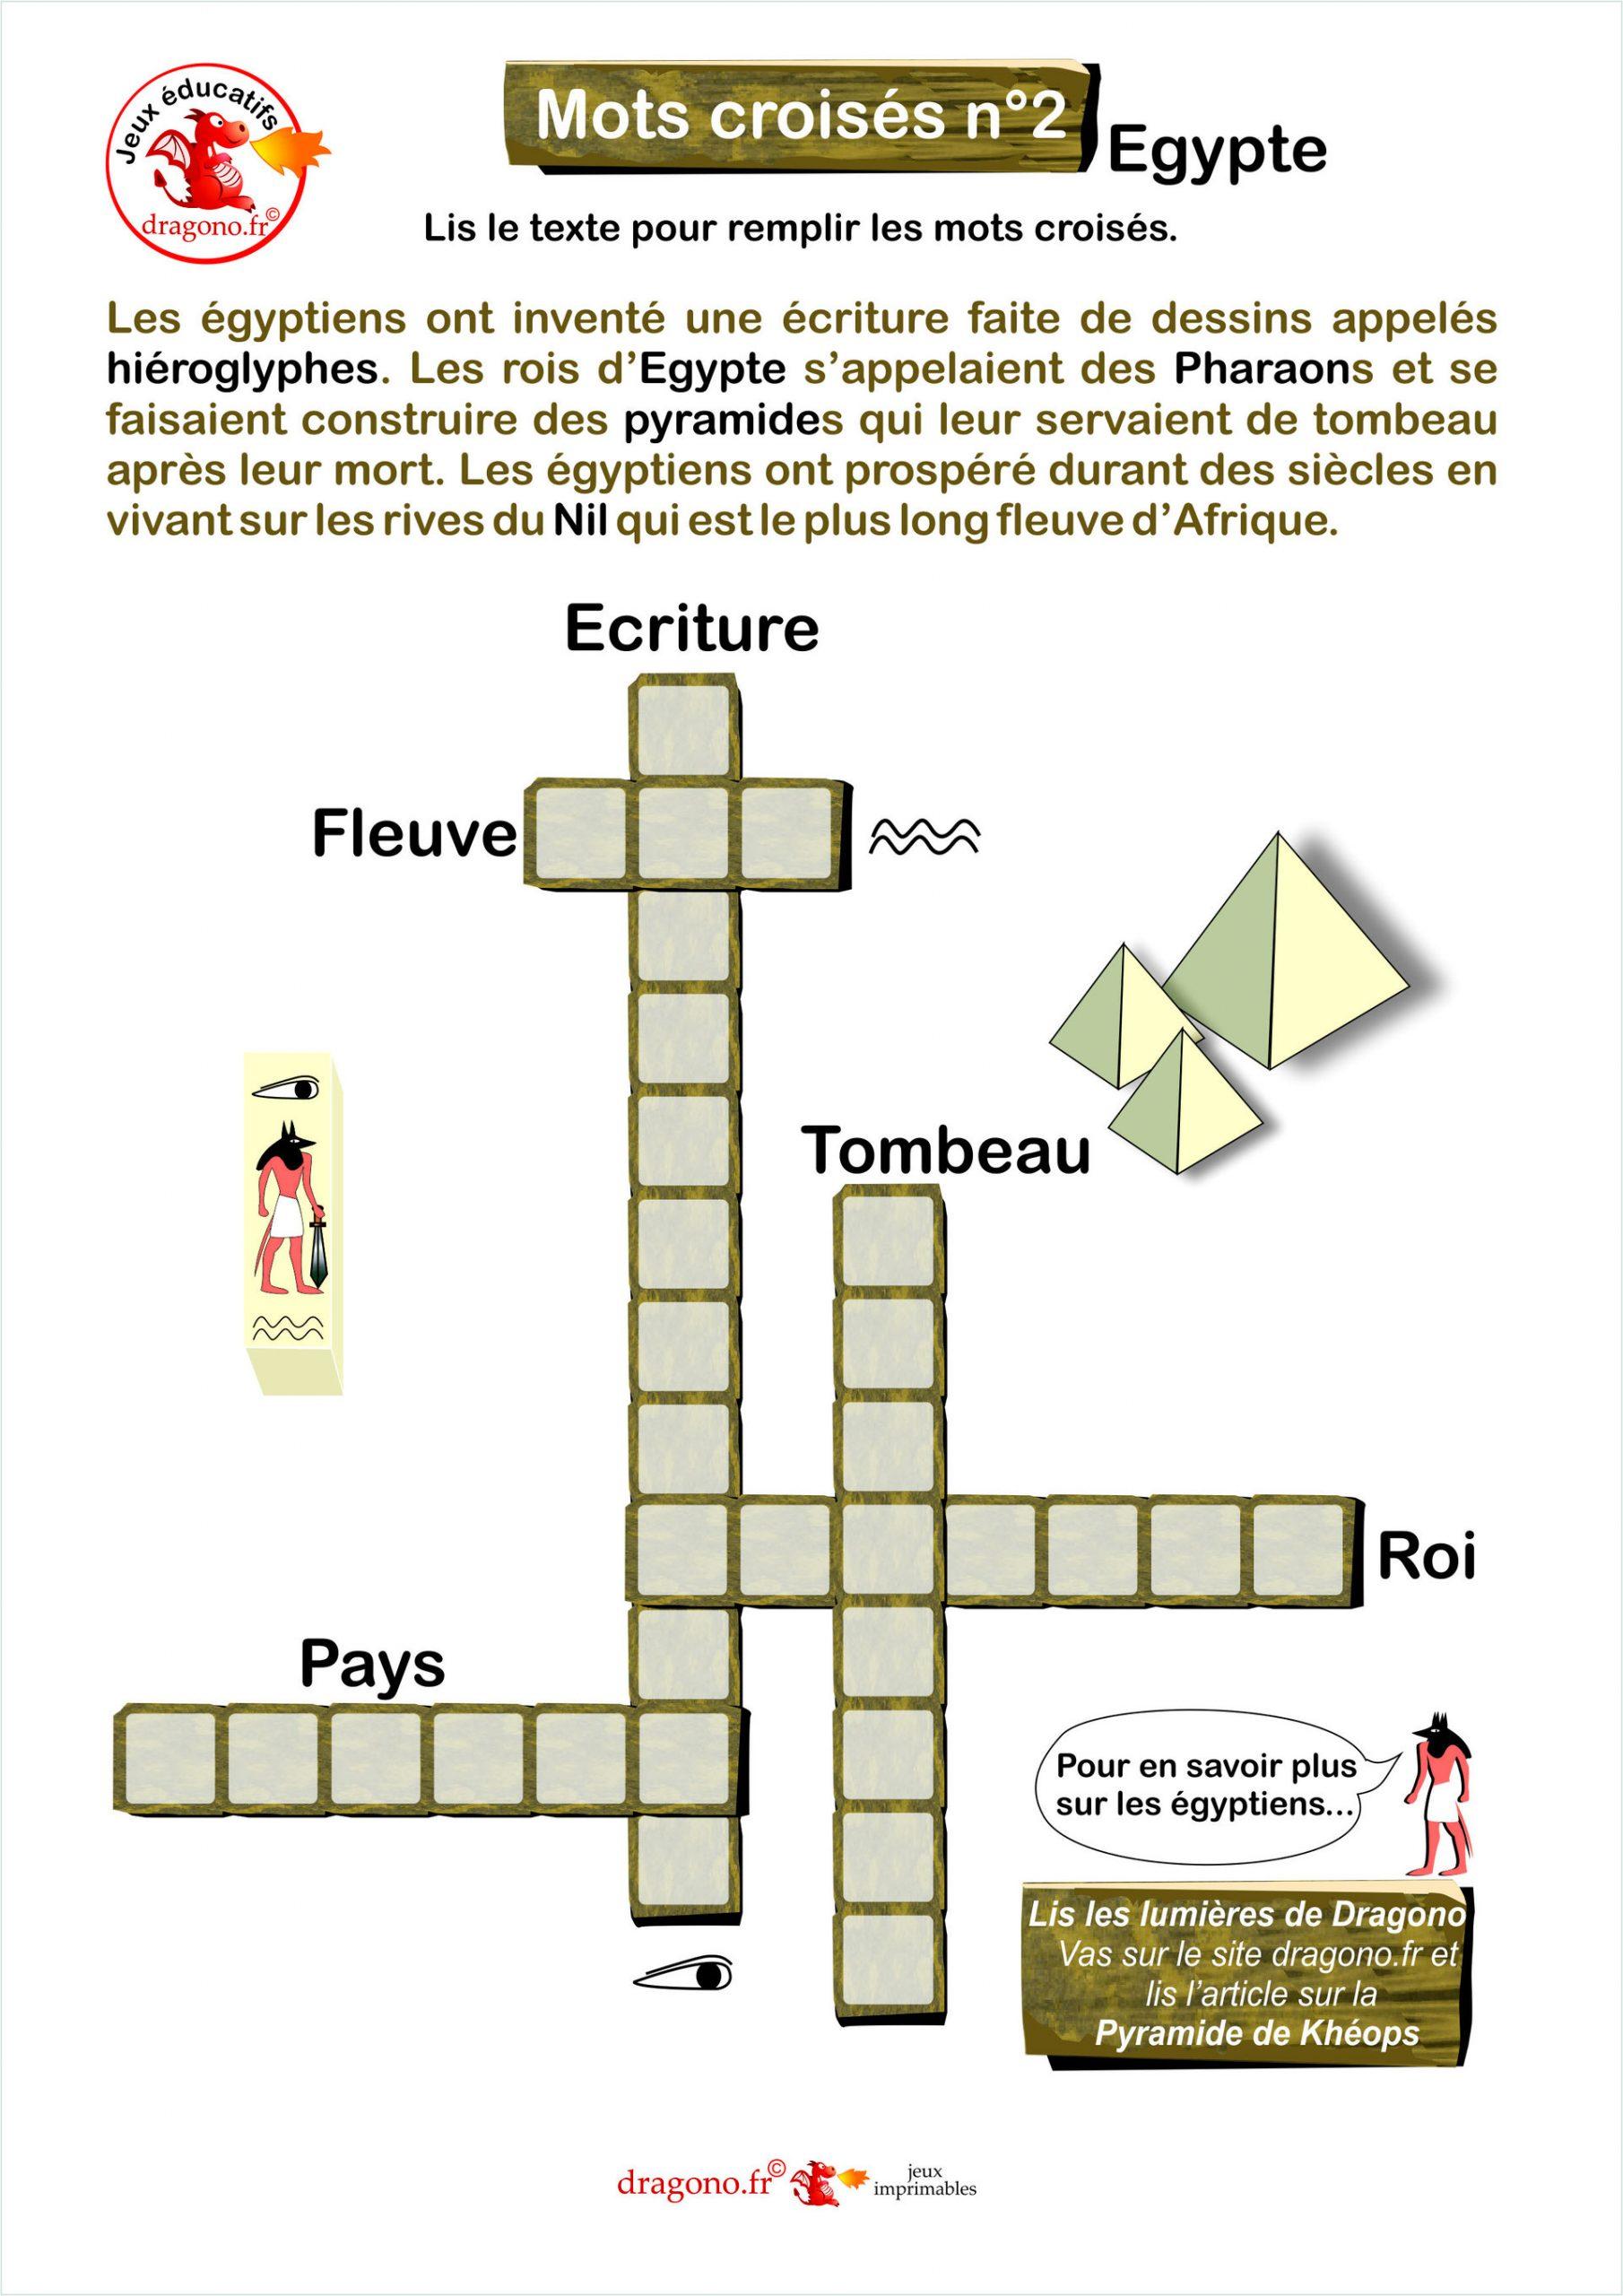 Mots Croisés Egypte - Dragono.fr à Mots Croisés Personnalisés